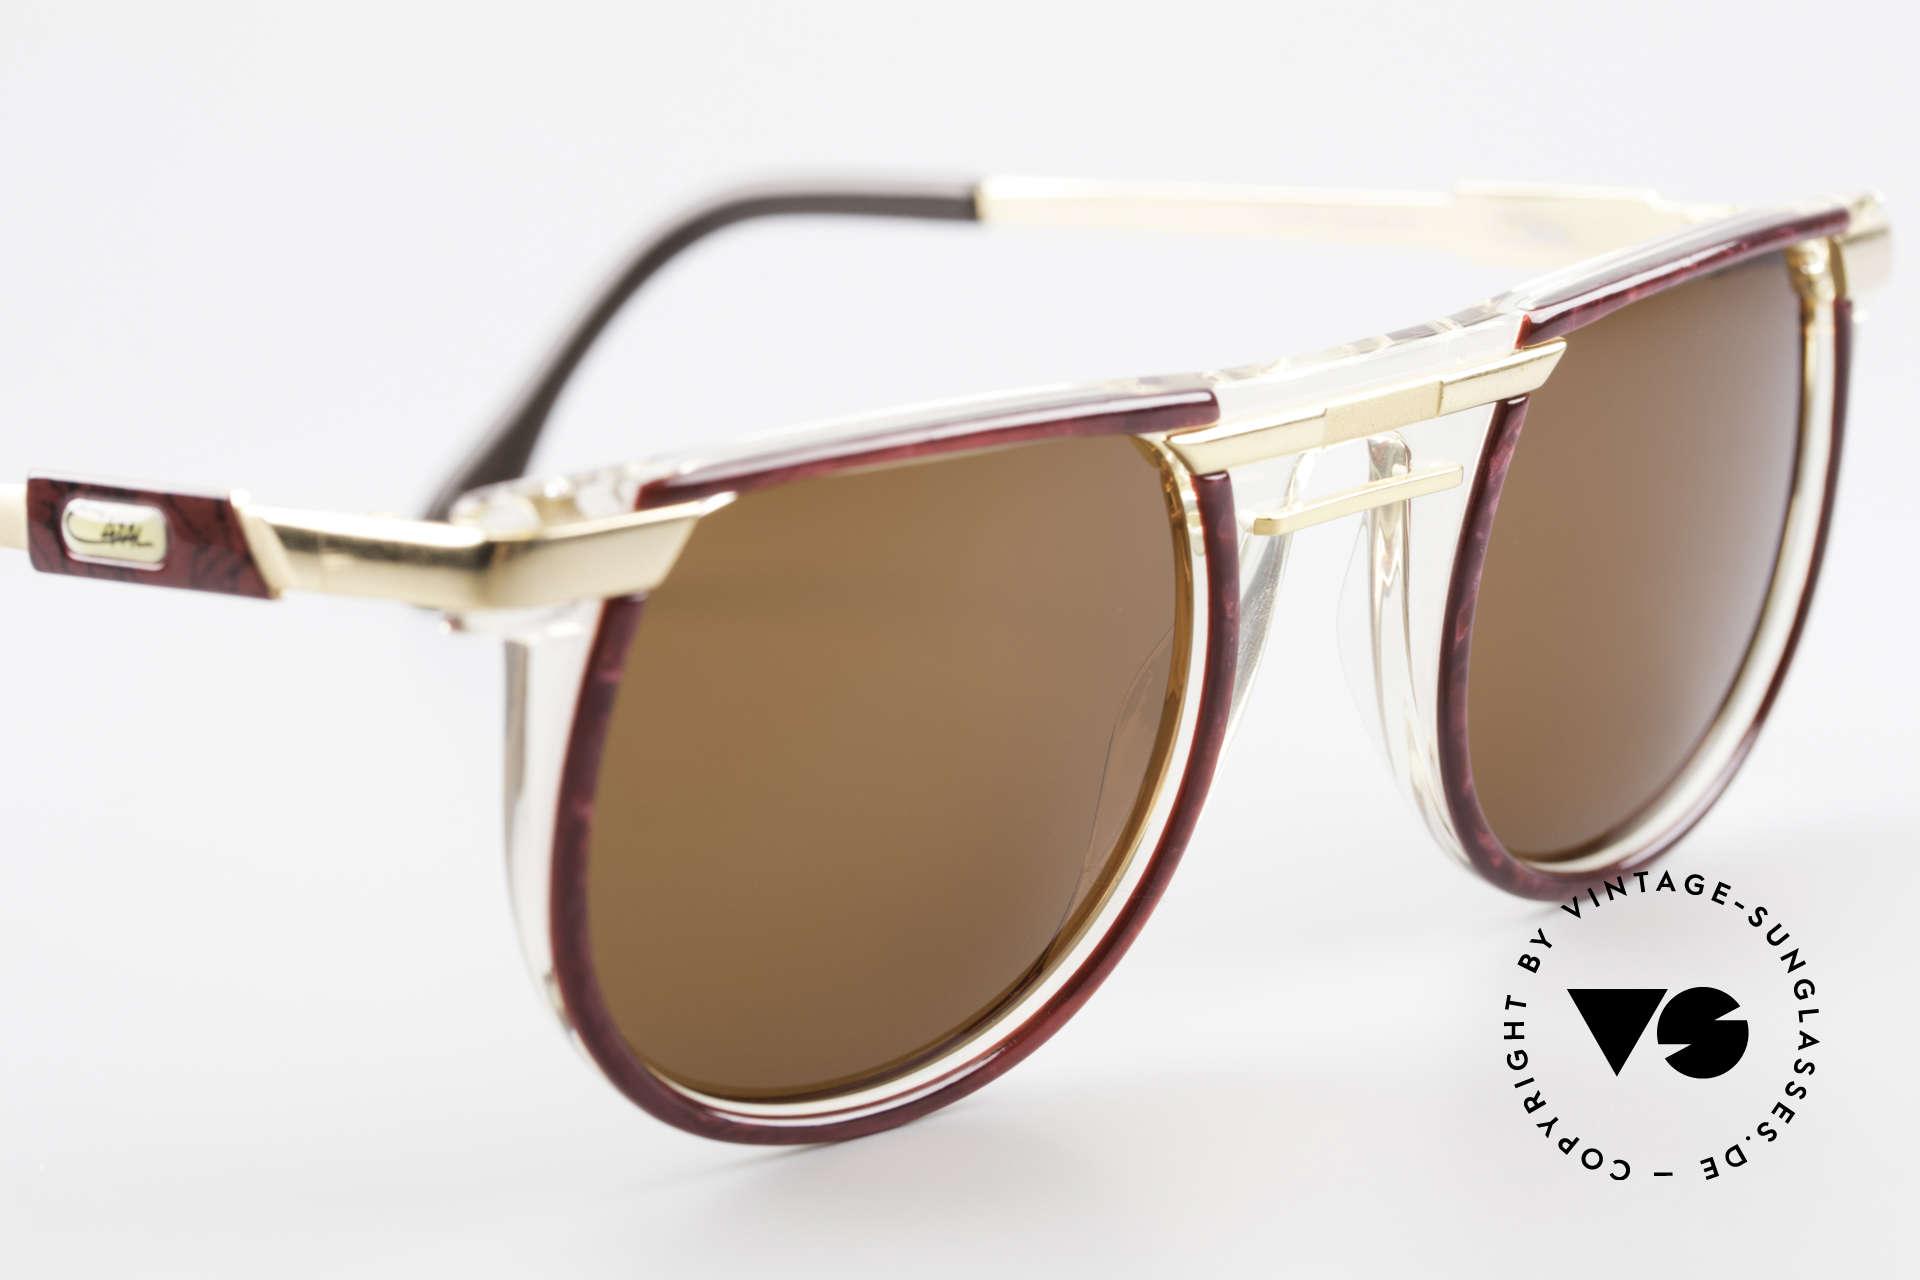 Cazal 647 90er Vintage Sonnenbrille, KEINE Retrobrille; sondern ein Original von 1990/91, Passend für Herren und Damen